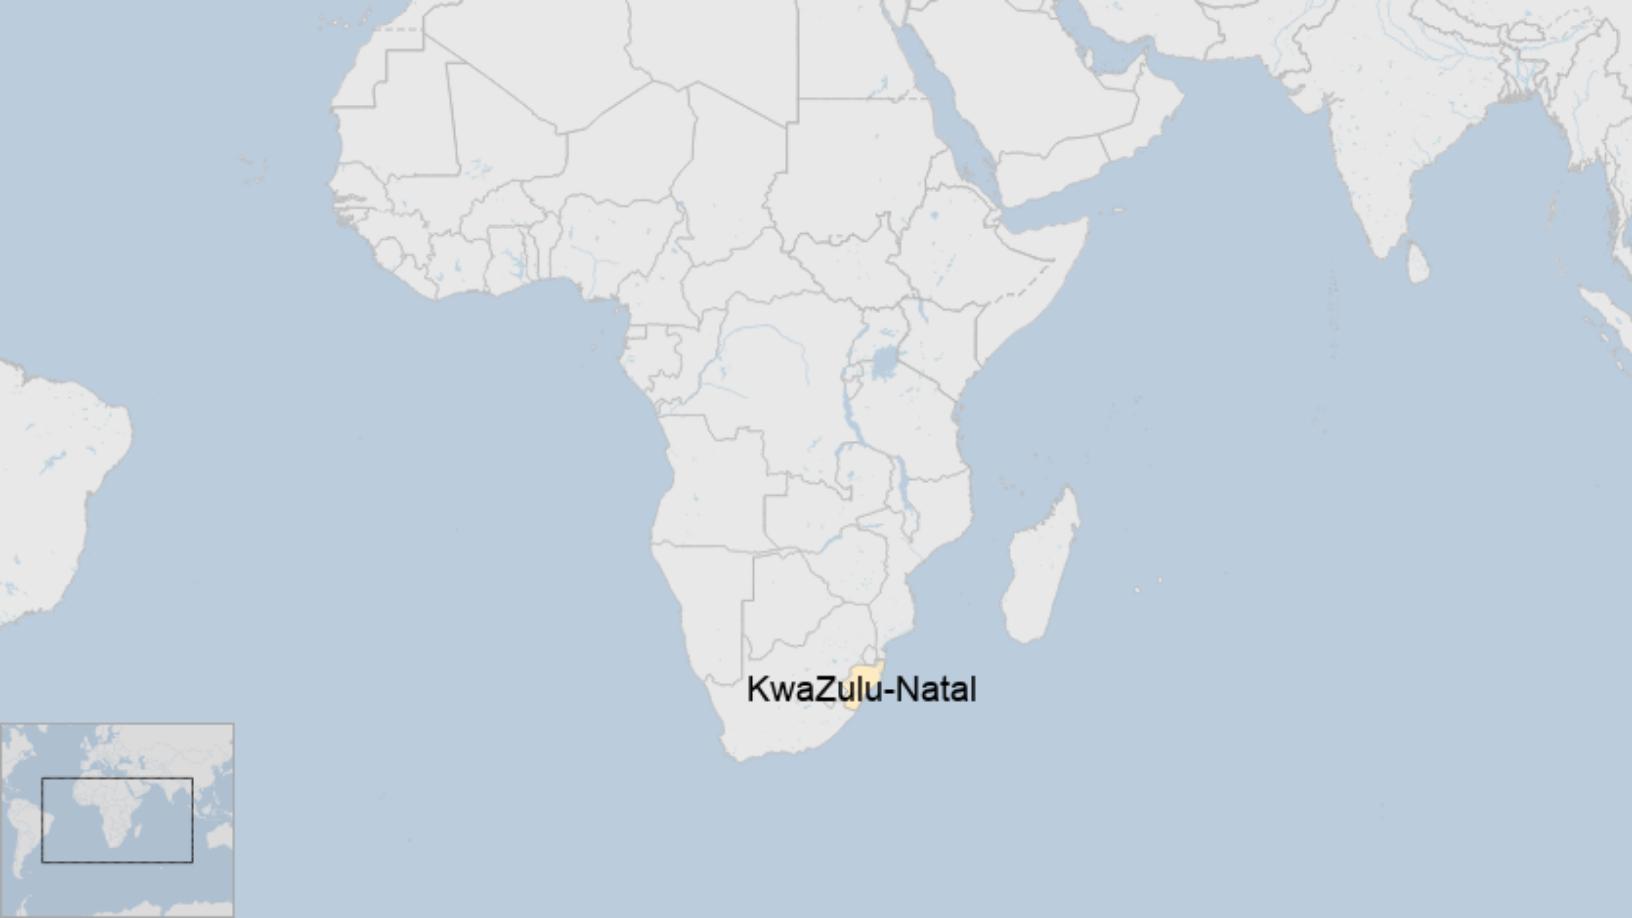 Map: Territorio zulú en Sudáfrica